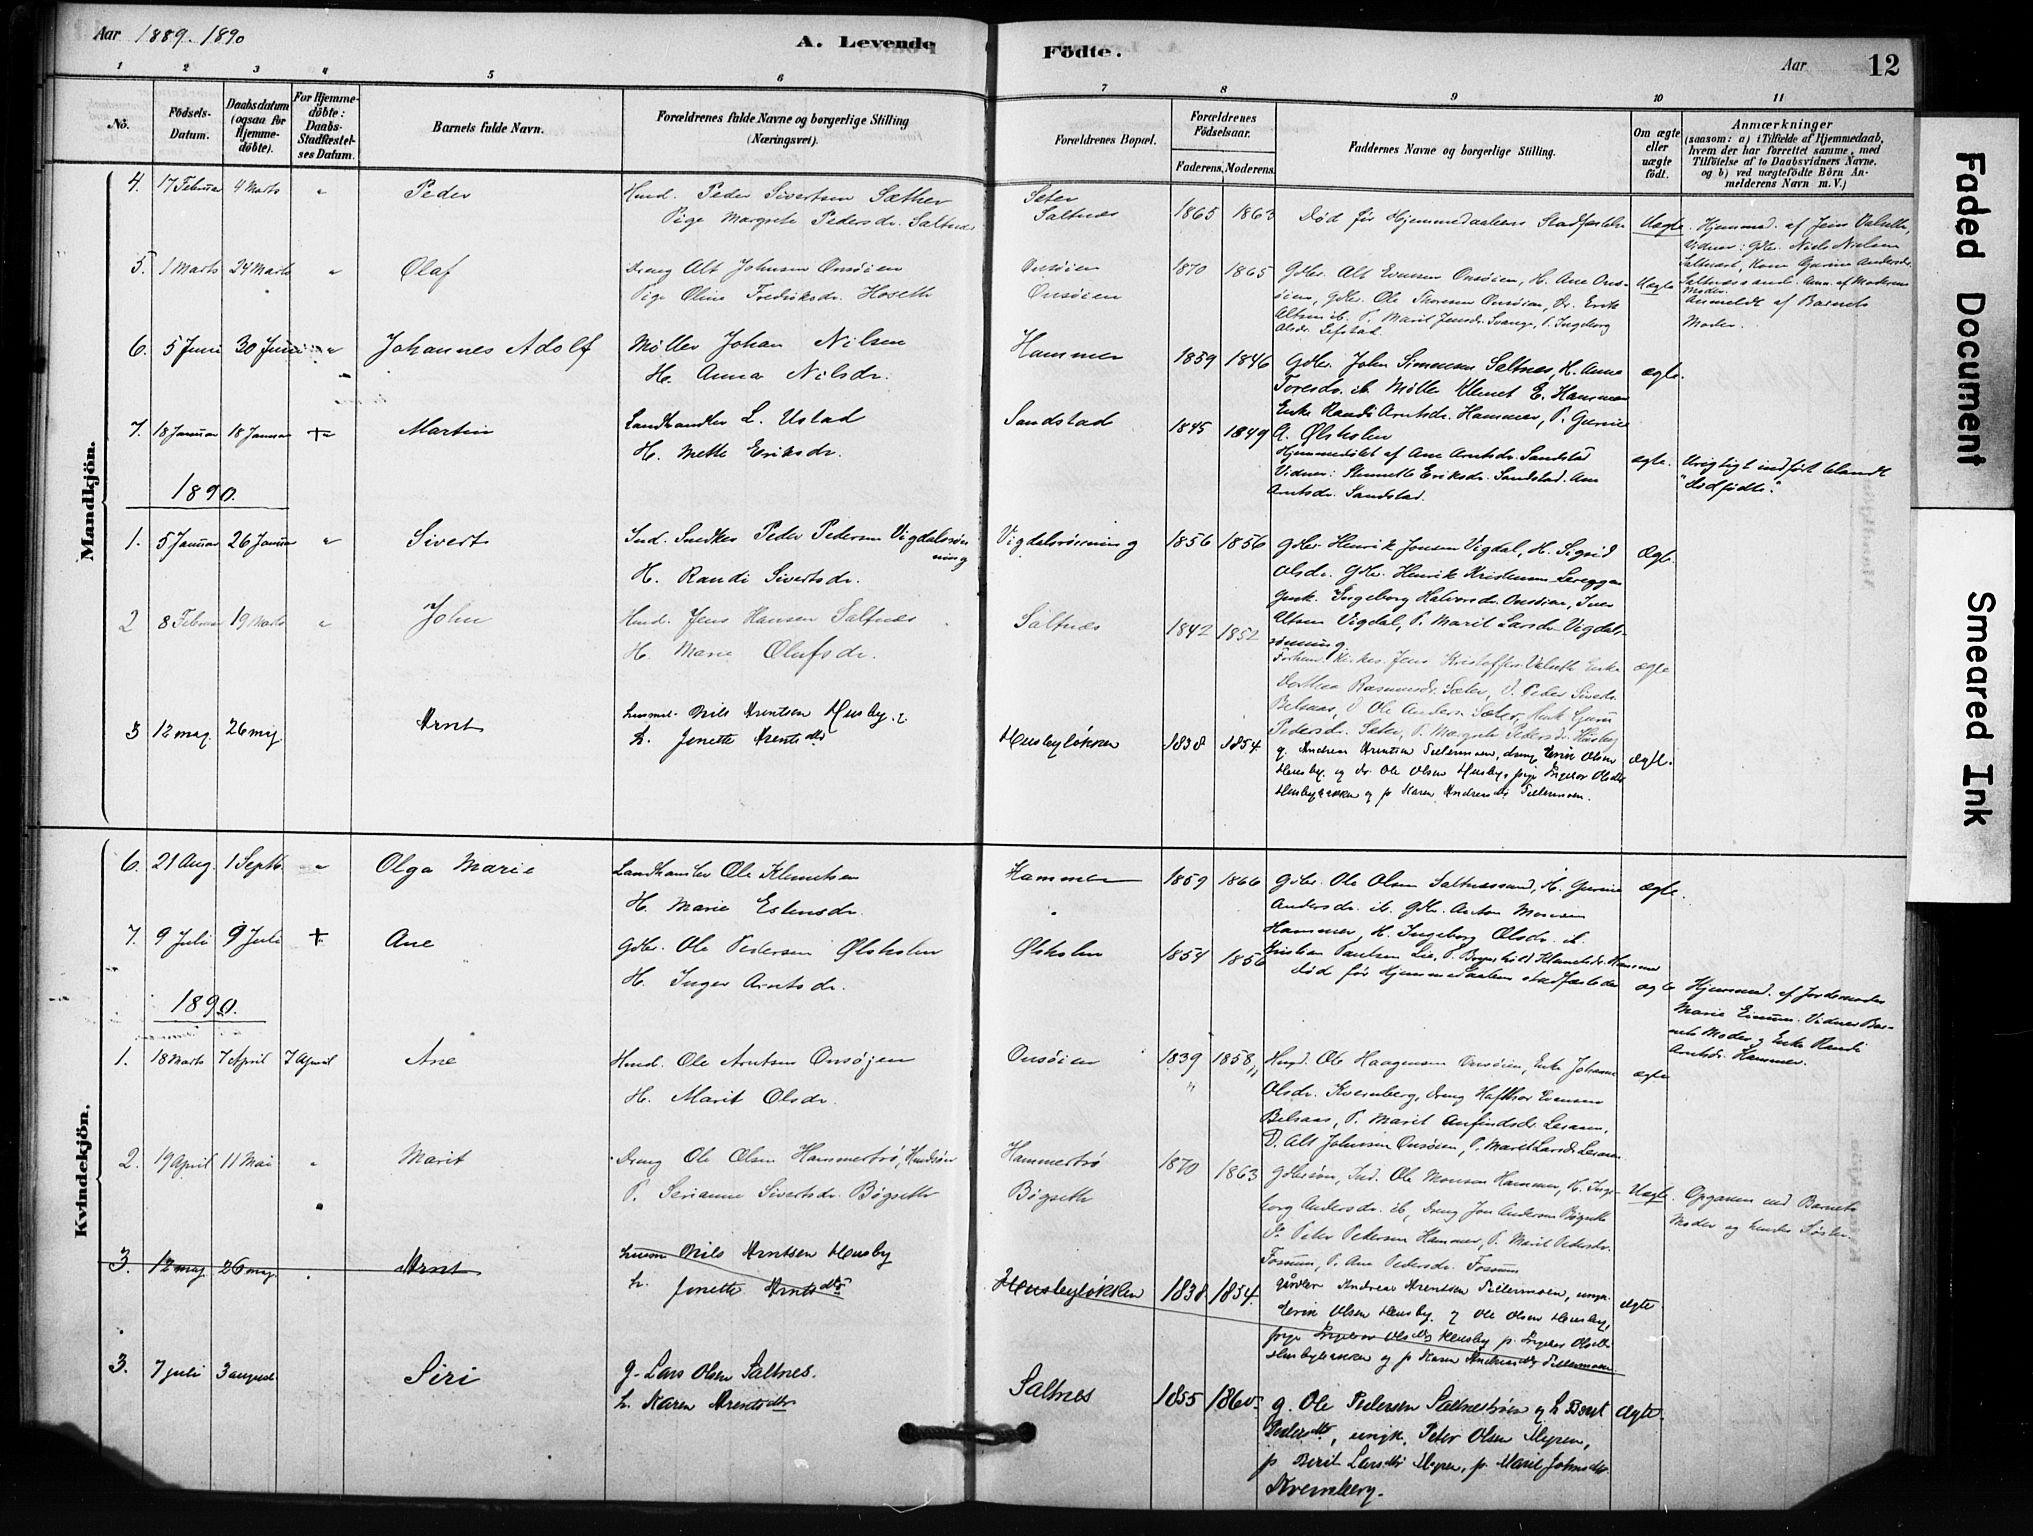 SAT, Ministerialprotokoller, klokkerbøker og fødselsregistre - Sør-Trøndelag, 666/L0786: Ministerialbok nr. 666A04, 1878-1895, s. 12